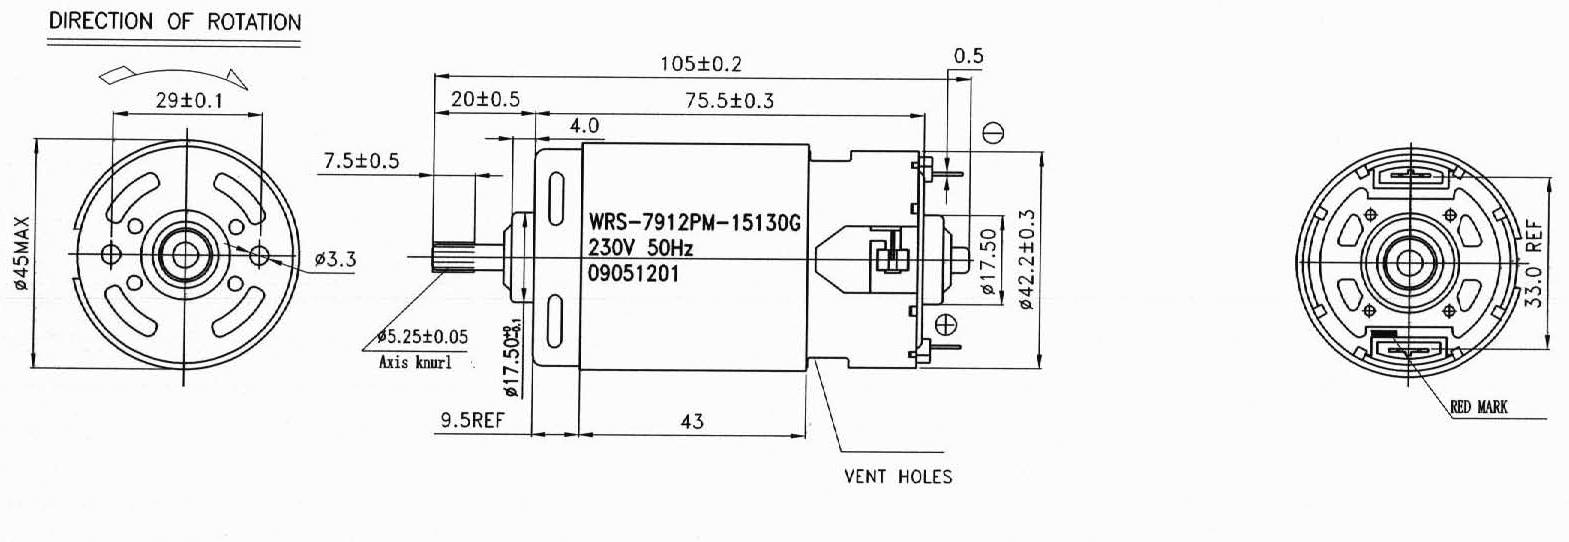 blender motor diagram